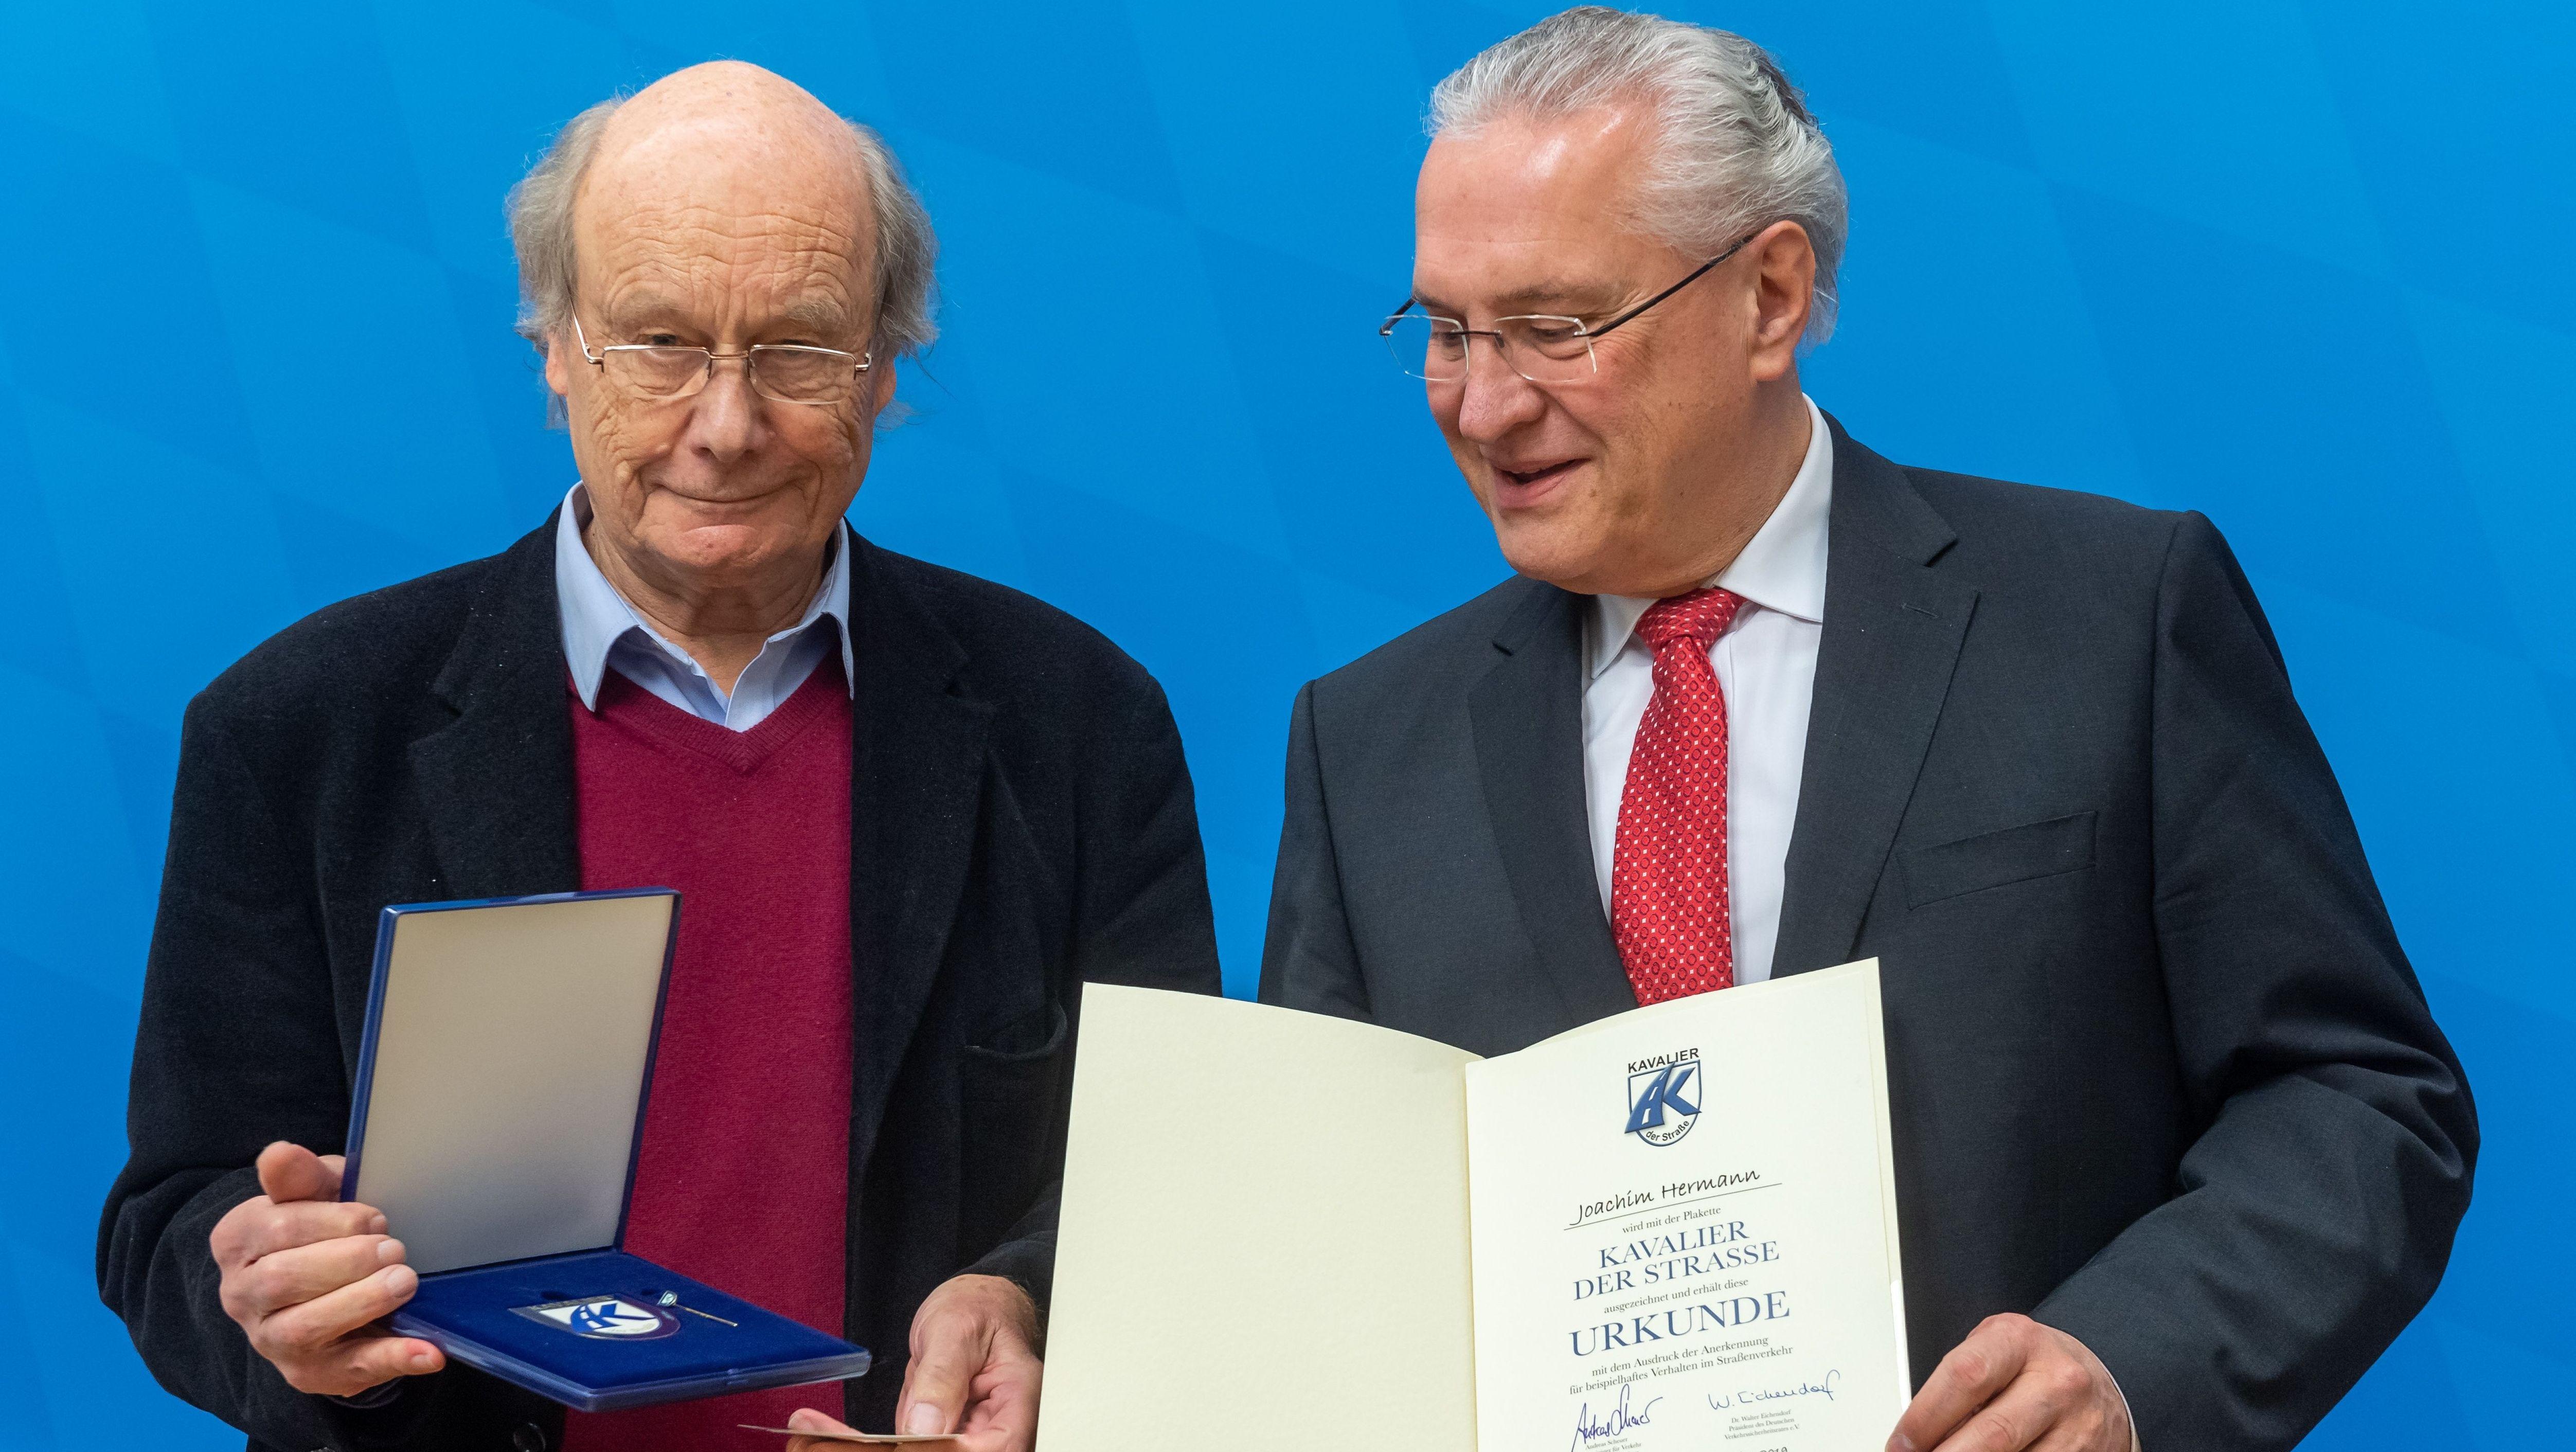 """Joachim Herrmann (CSU), rechts, wird als """"Kavalier der Straße"""" geehrt. Gernot Sittner, ex-Chefredakteur der SZ, nahm die Auszeichnung vor"""